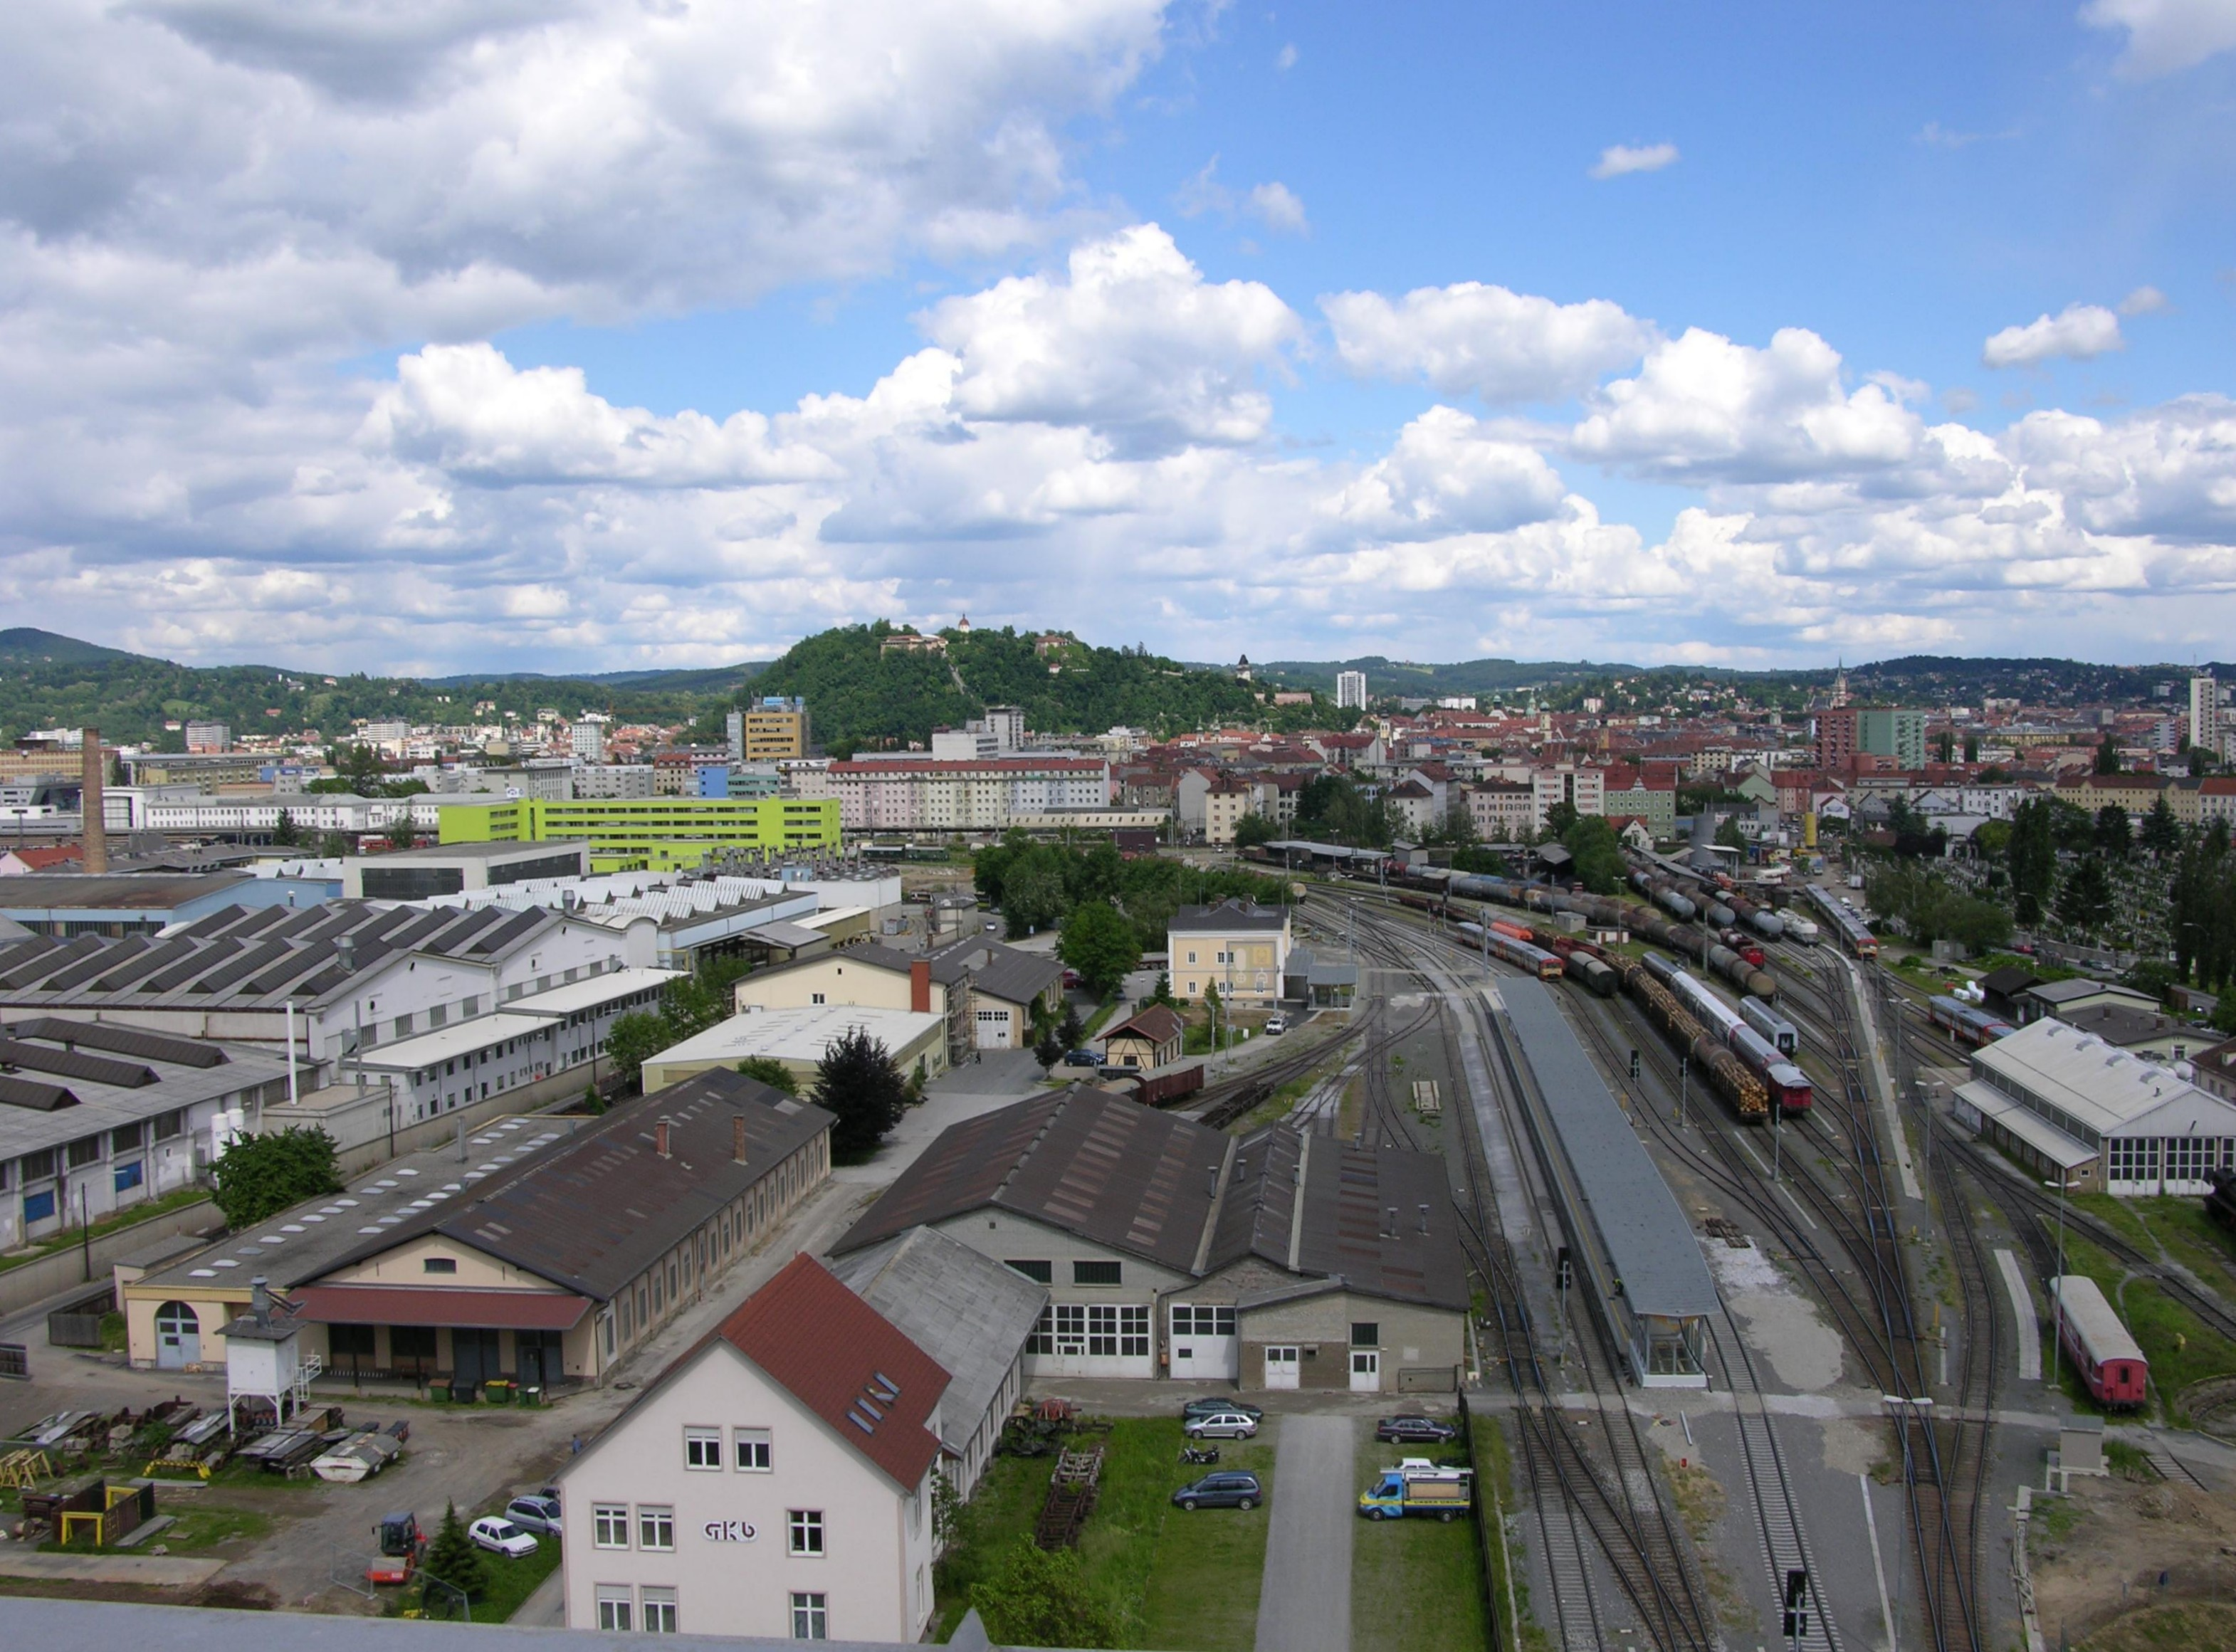 Blick Richtung Innenstadt mit dem Grazer Köflacherbahnhof im Vordergrund